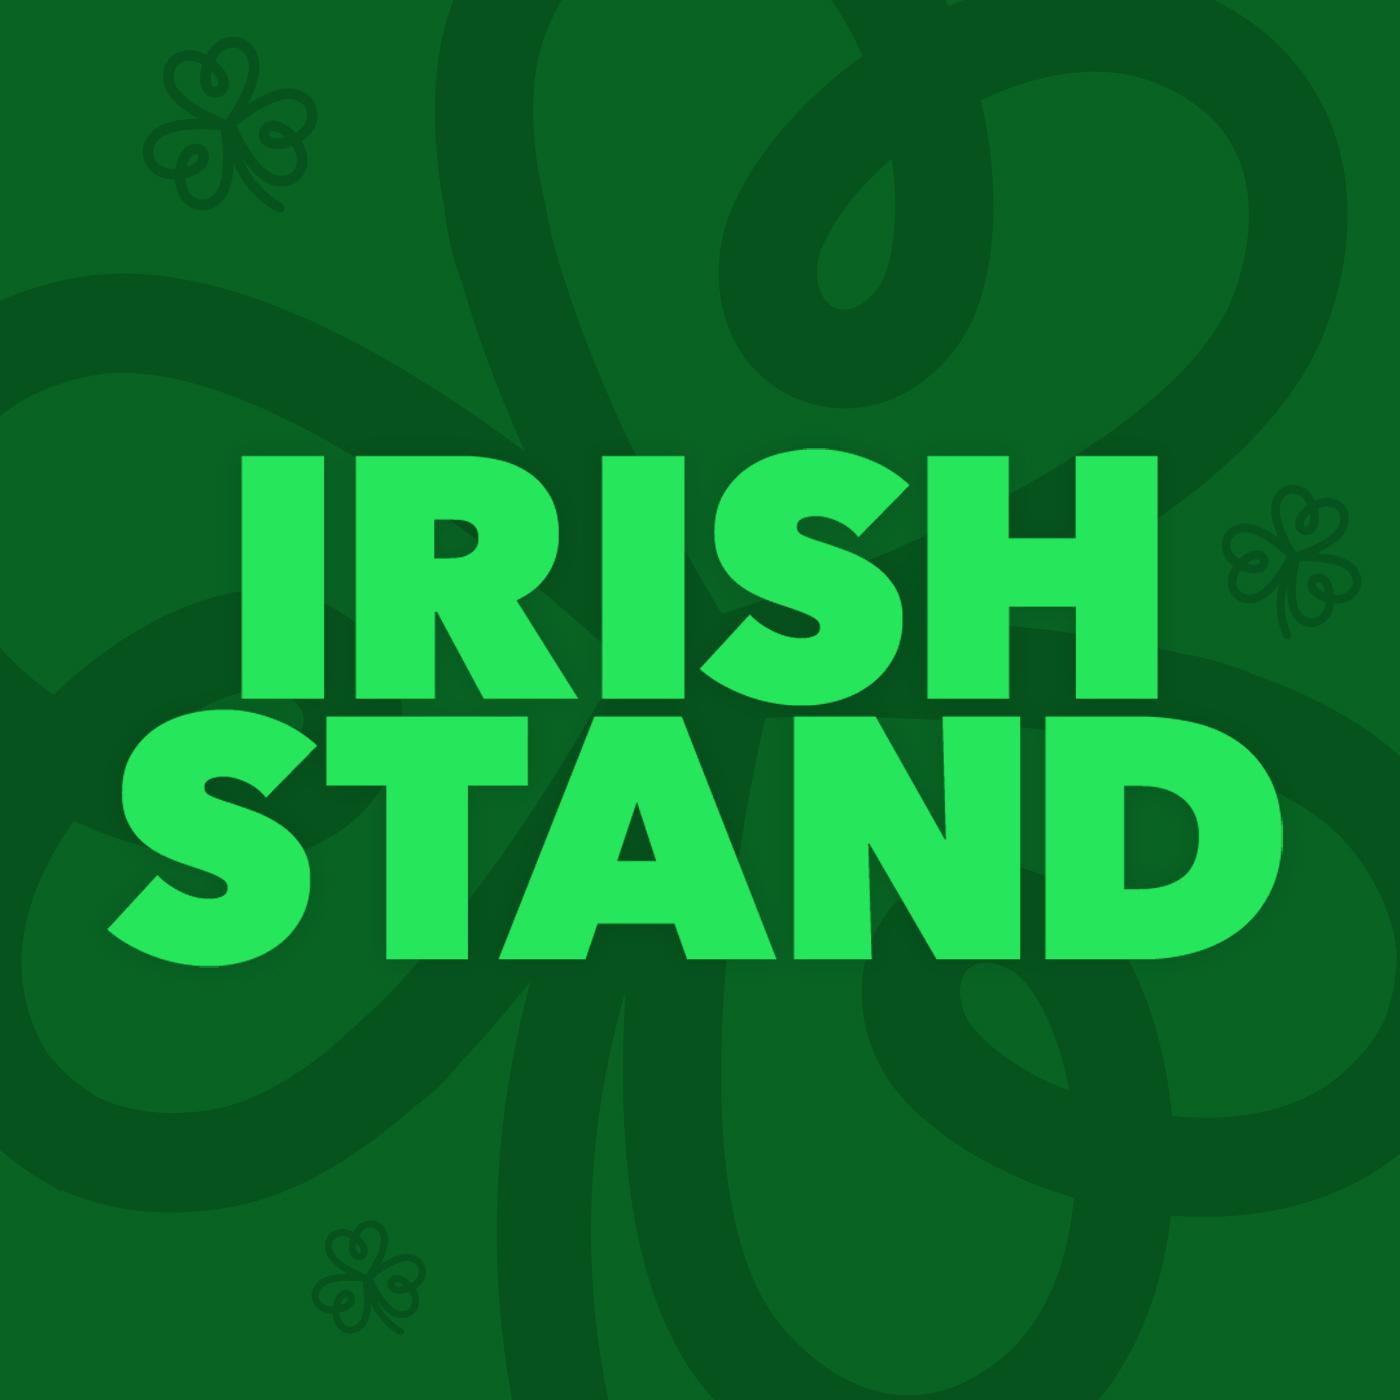 Irish Stand